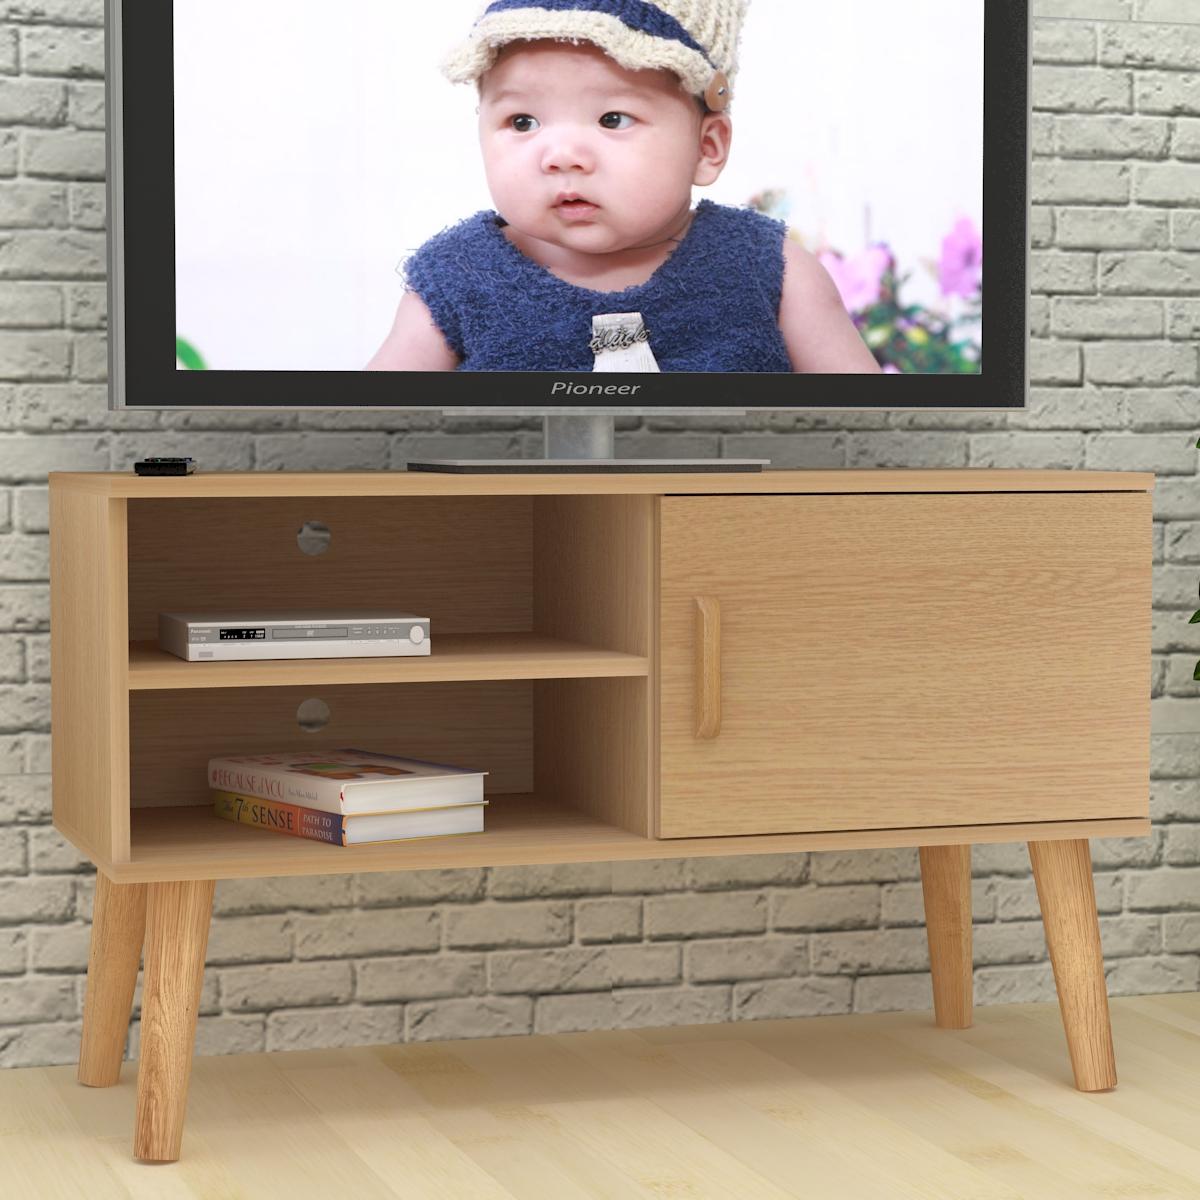 北欧 小电视柜 迷你 卧室电视柜 高款 小户型 客厅电视柜 1米长